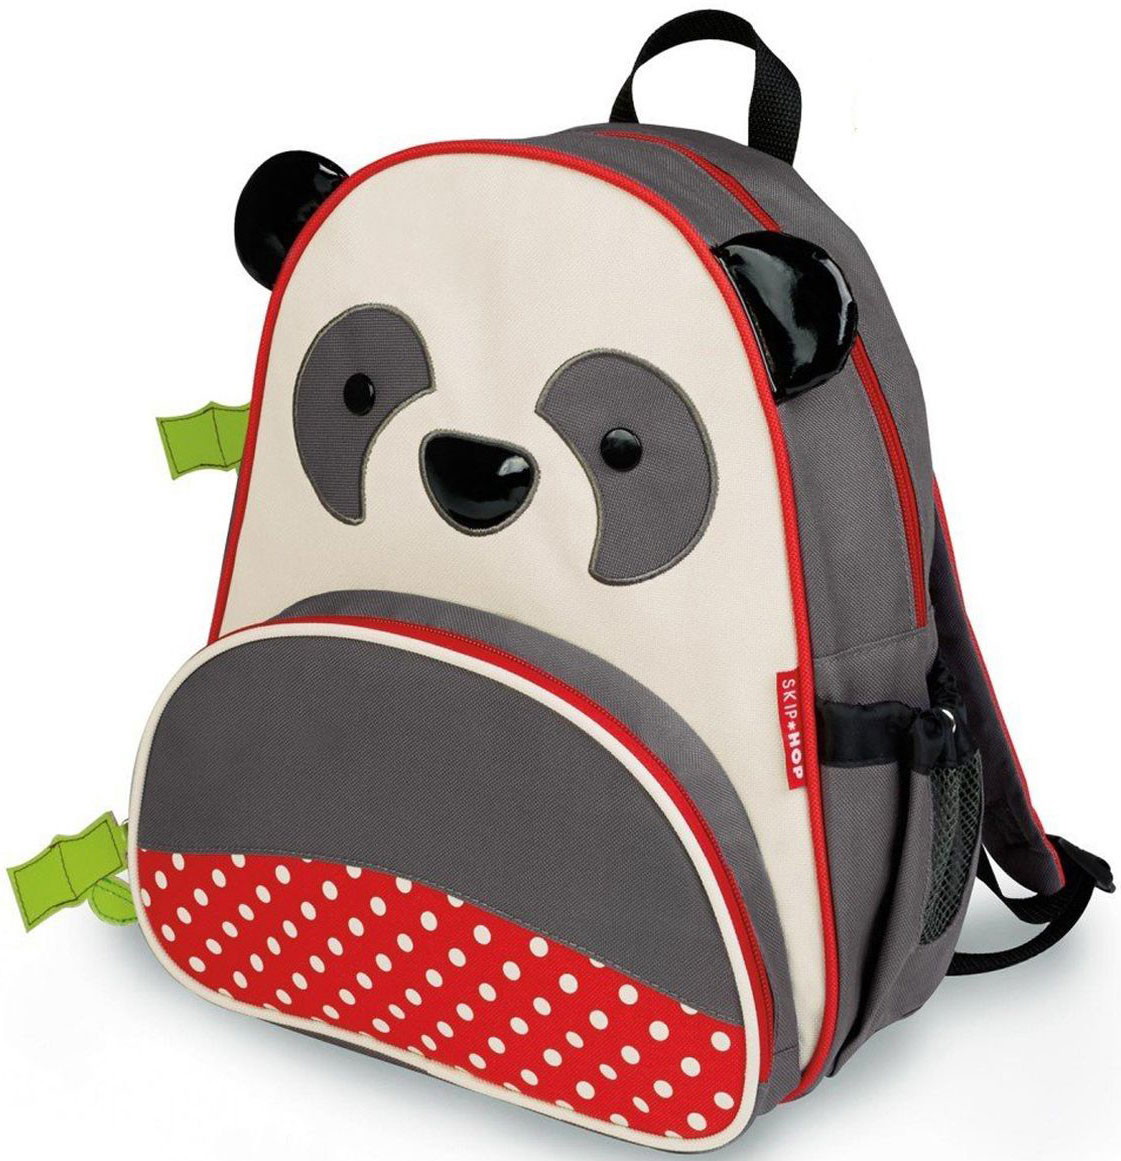 SkipHop Рюкзак дошкольный Панда72523WDРюкзачок Skip Hop Zoo Pack каждый день будет радовать вашего малыша, вызывать улыбки у прохожих и зависть у сверстников. С ним можно ходить в детский сад, спортивные секции, на прогулку, в гости к бабушке или ездить на экскурсии. В основной отсек легко поместится книжка, альбом для рисования, краски, фломастеры, любимая игрушка и контейнер с едой, а специальный кармашек сбоку предназначен специально для бутылочки с водой. Передний кармашек на молнии предназначен для мелких вещичек. Внутренний кармашек на резиночке зафиксирует положение содержимого: не даст выпасть фломастерам или сломаться киндер-сюрпризу. Рюкзачок выполнен из прочной ткани, способной выдерживать бесконечное количество стирок в машинке. Лямки рюкзачка мягкие, регулируемые. • Размер: 11 x 25 х 29 см. • Для детей с 3 лет.